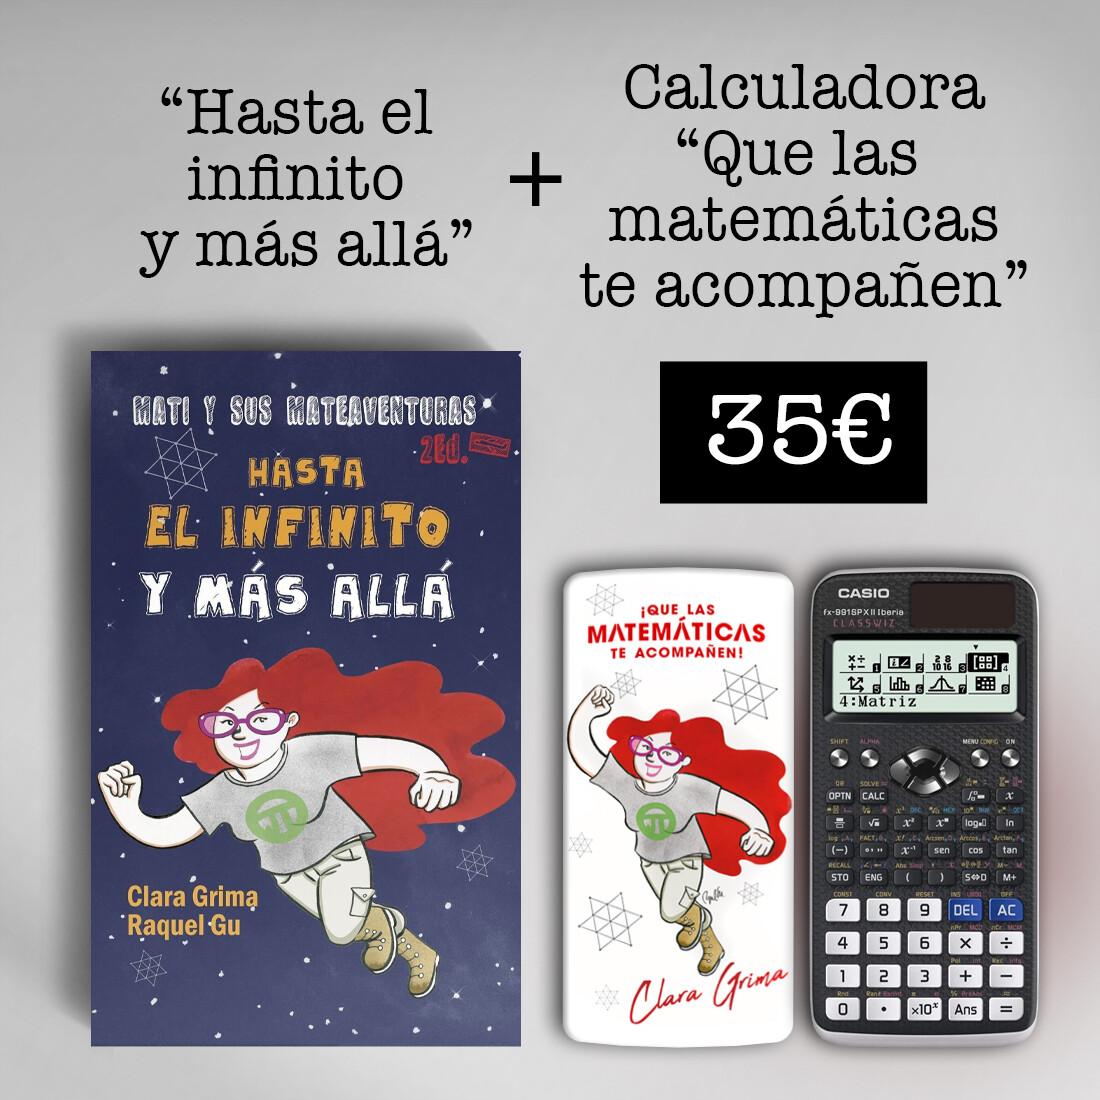 Calculadora CASIO fx-991SPXII + Hasta el infinito y más allá